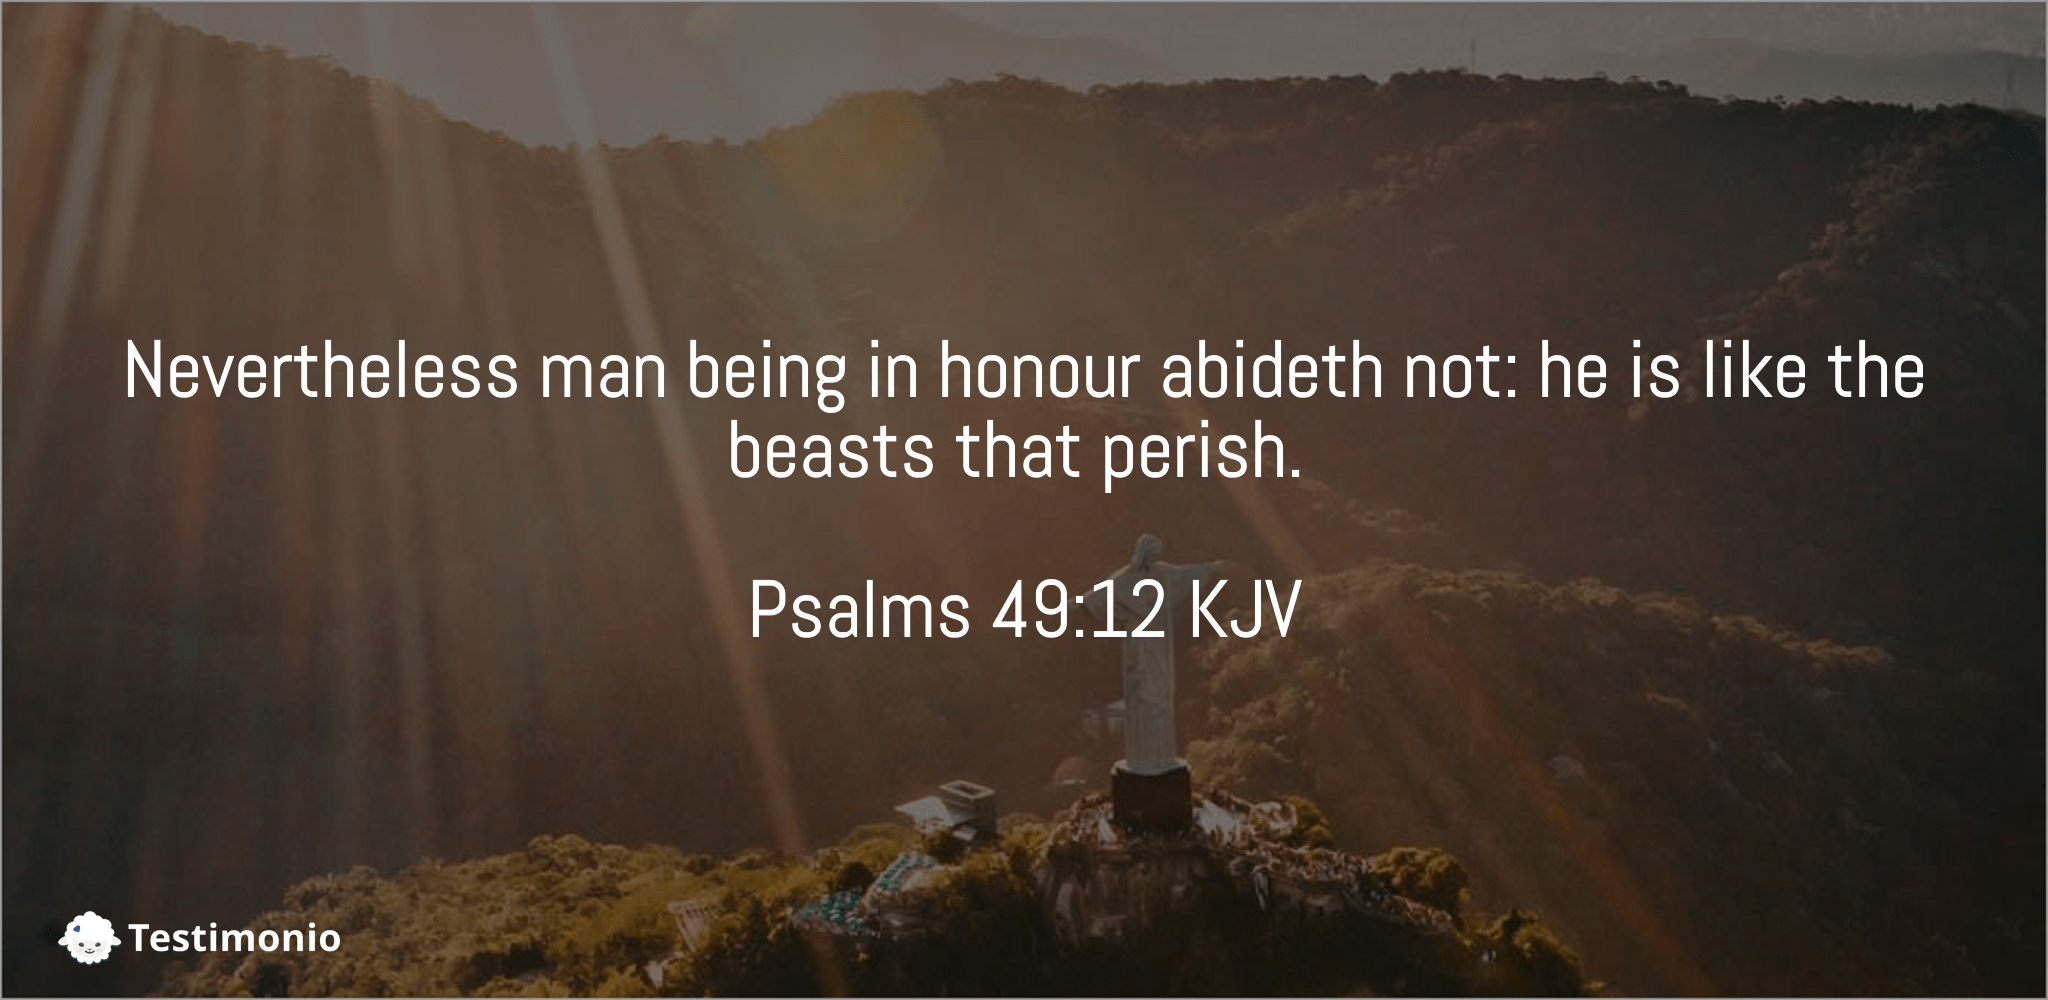 Psalms 49:12